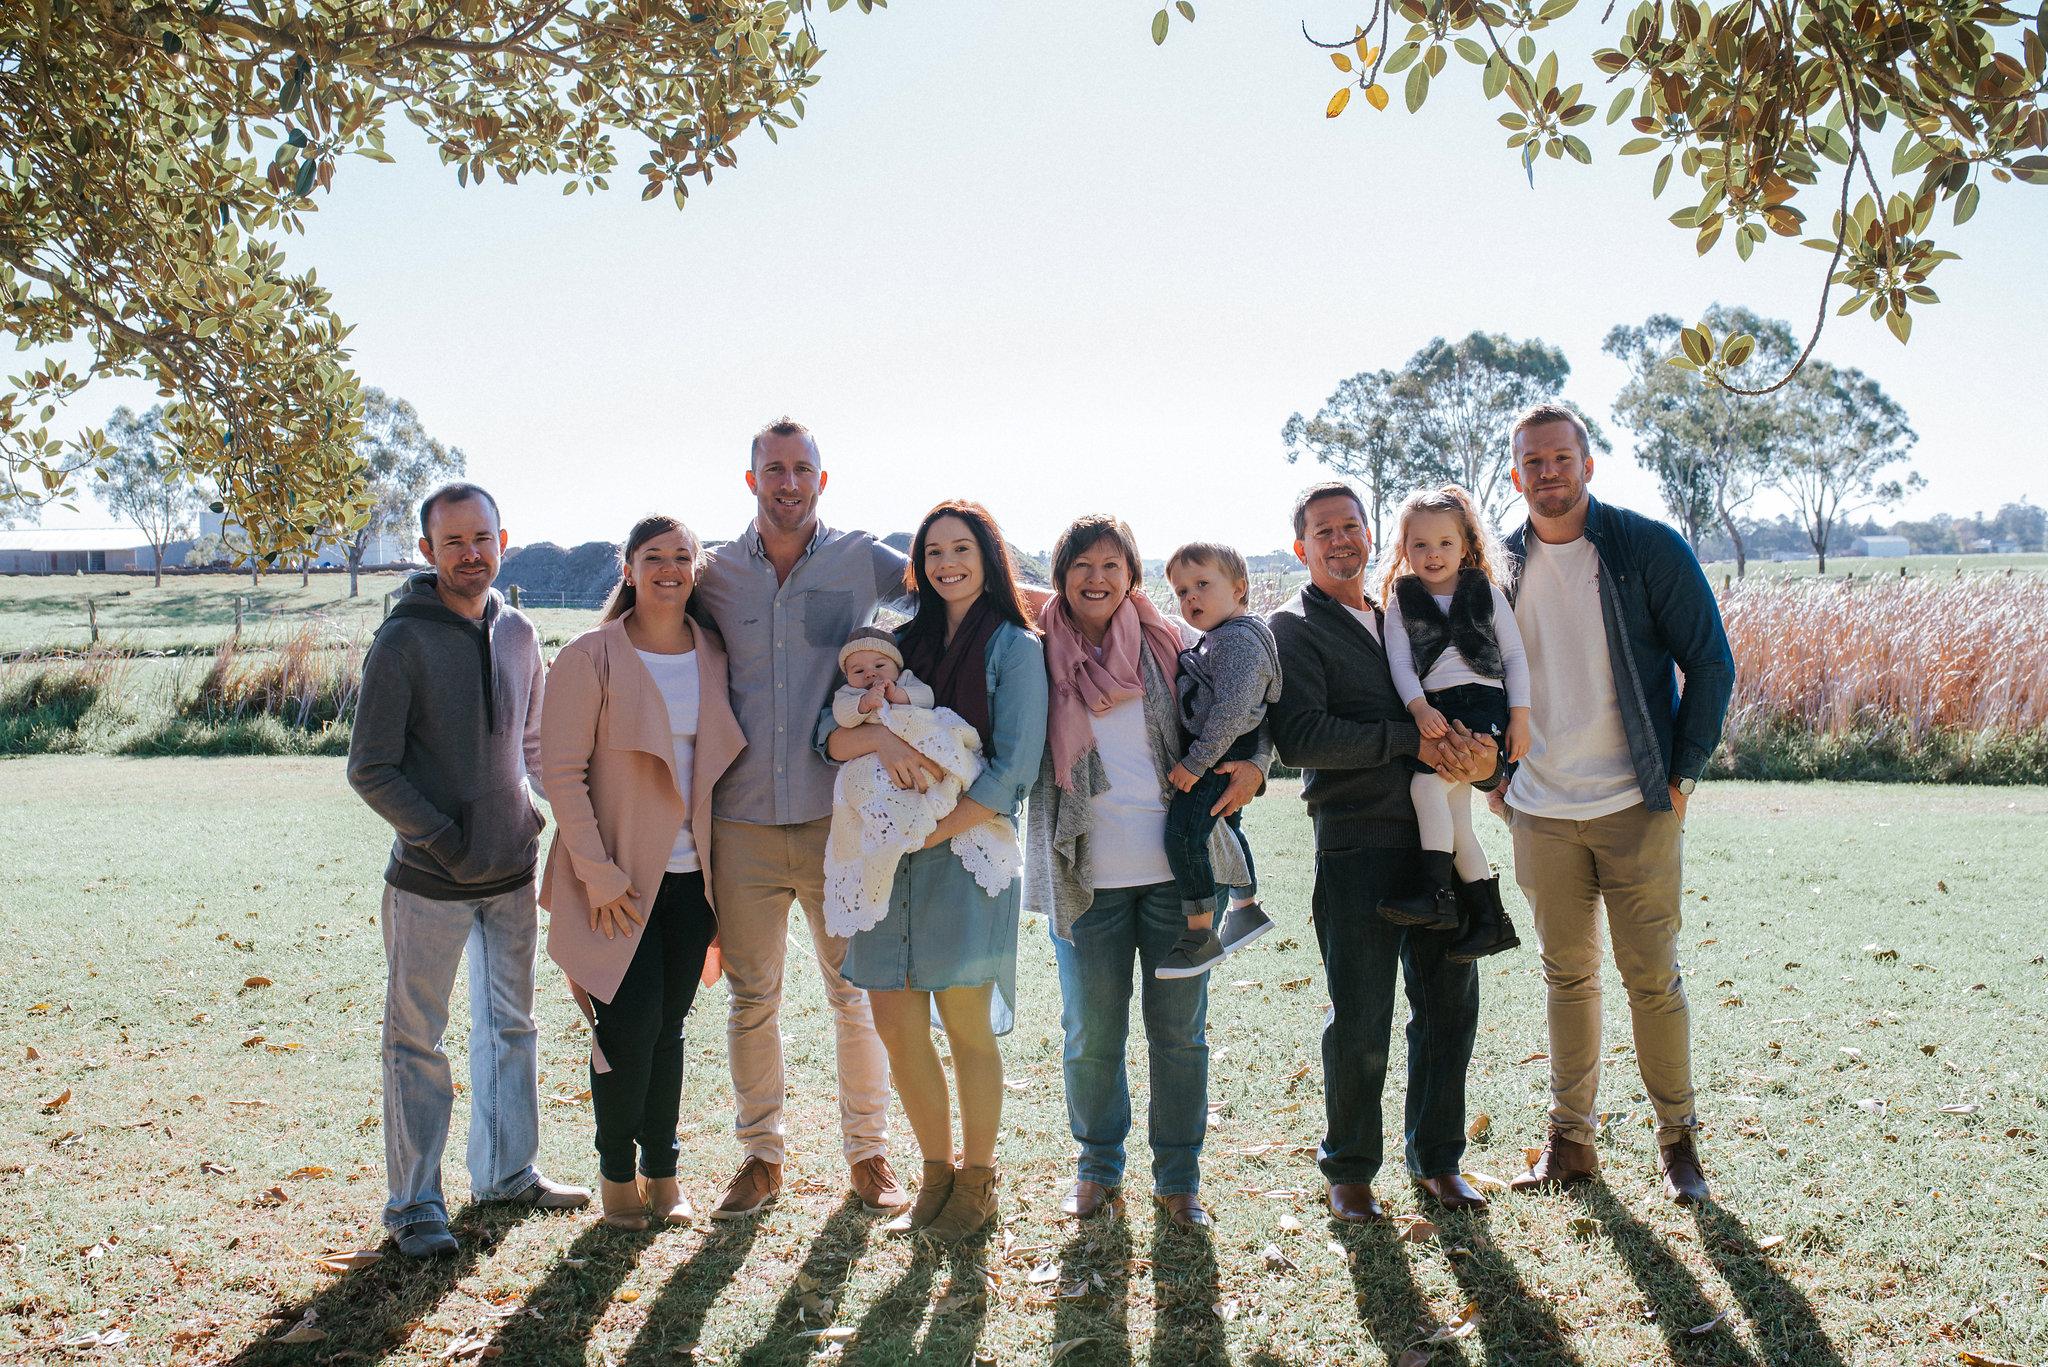 MORPETH-PARK-MIDDLETON-FAMILY-PREVIEW-14.jpg